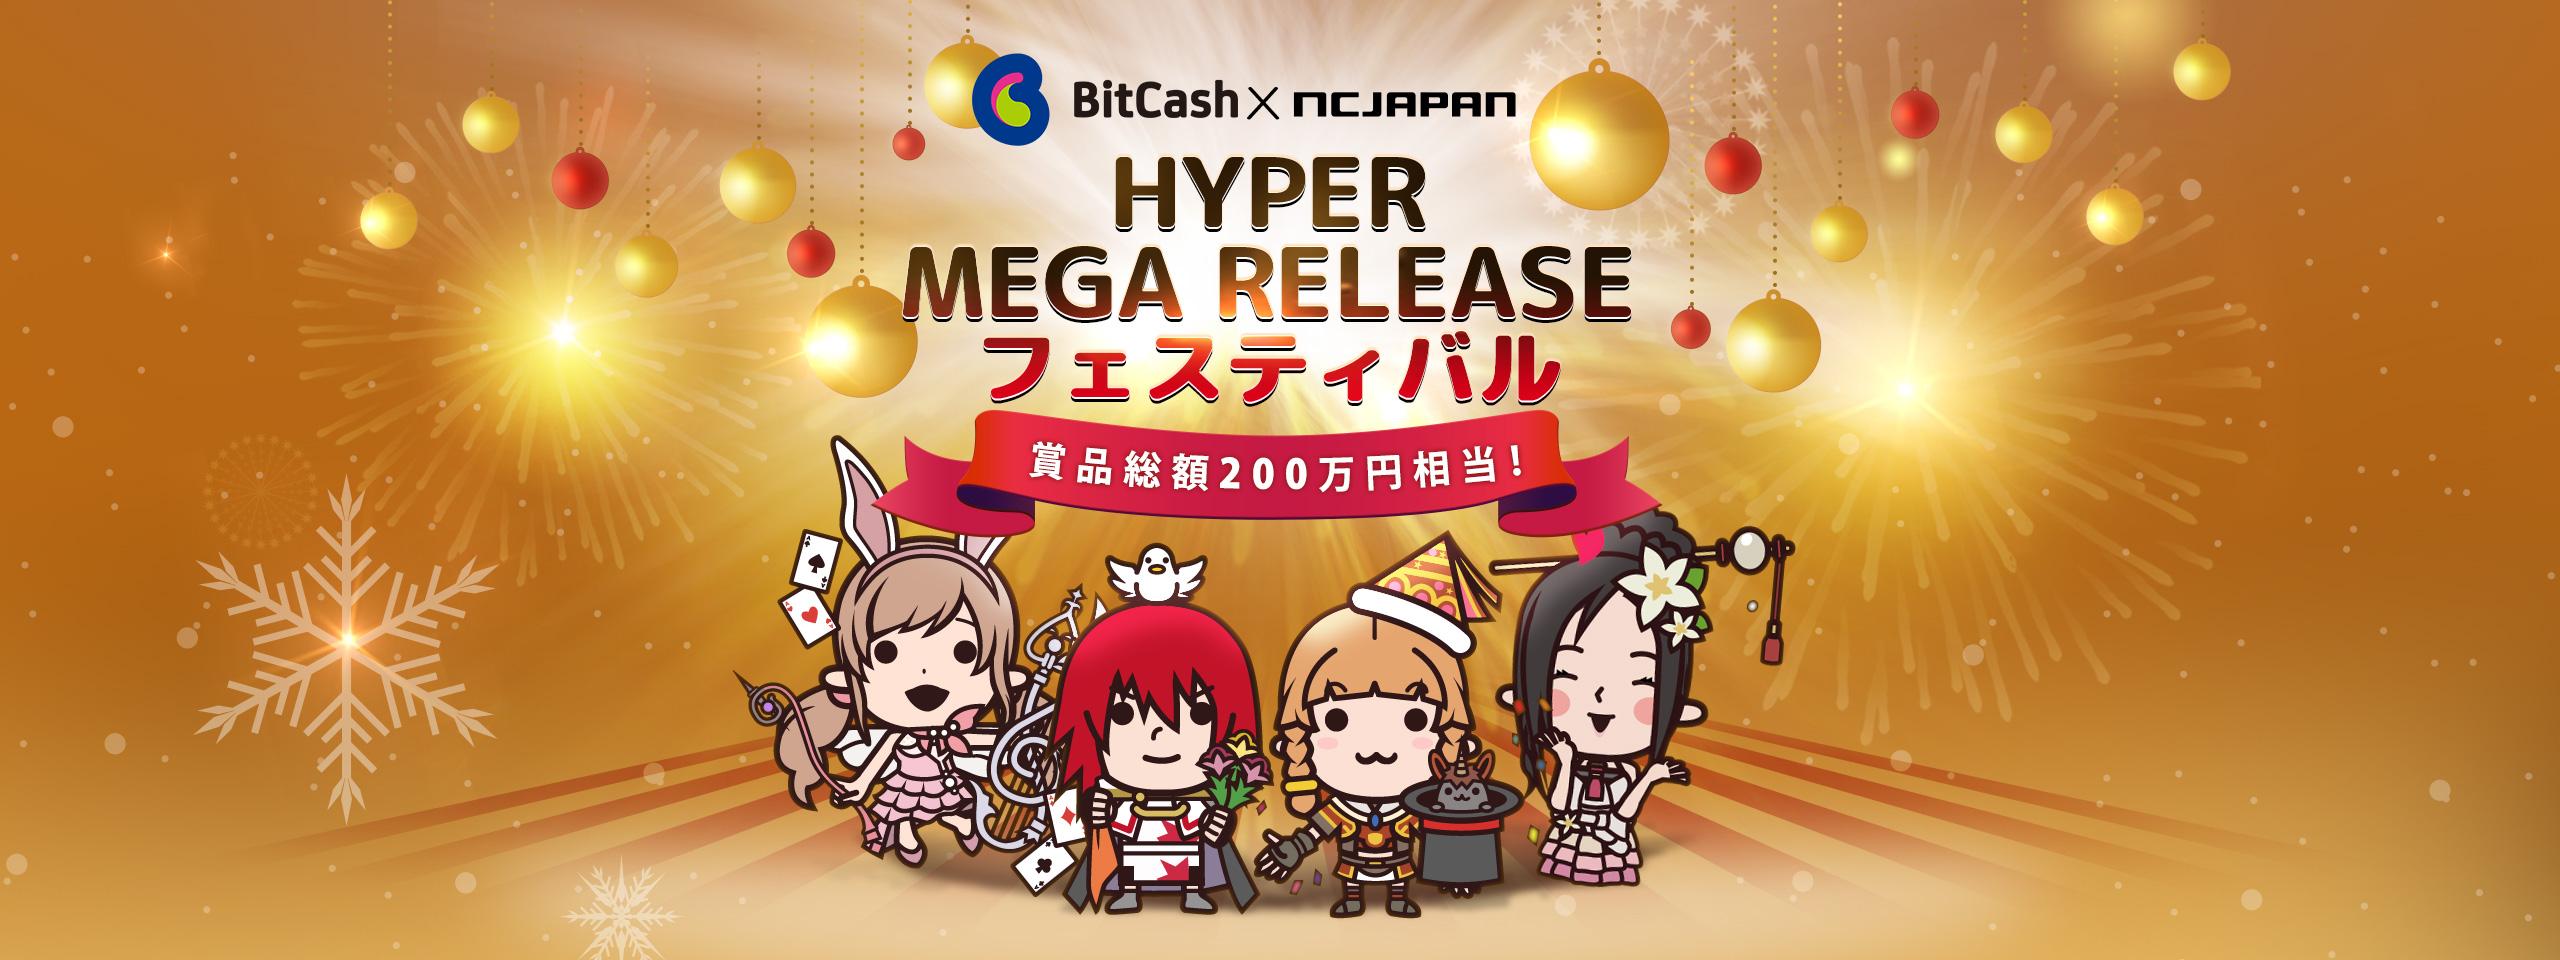 Hyper Mega Releaseフェスティバル